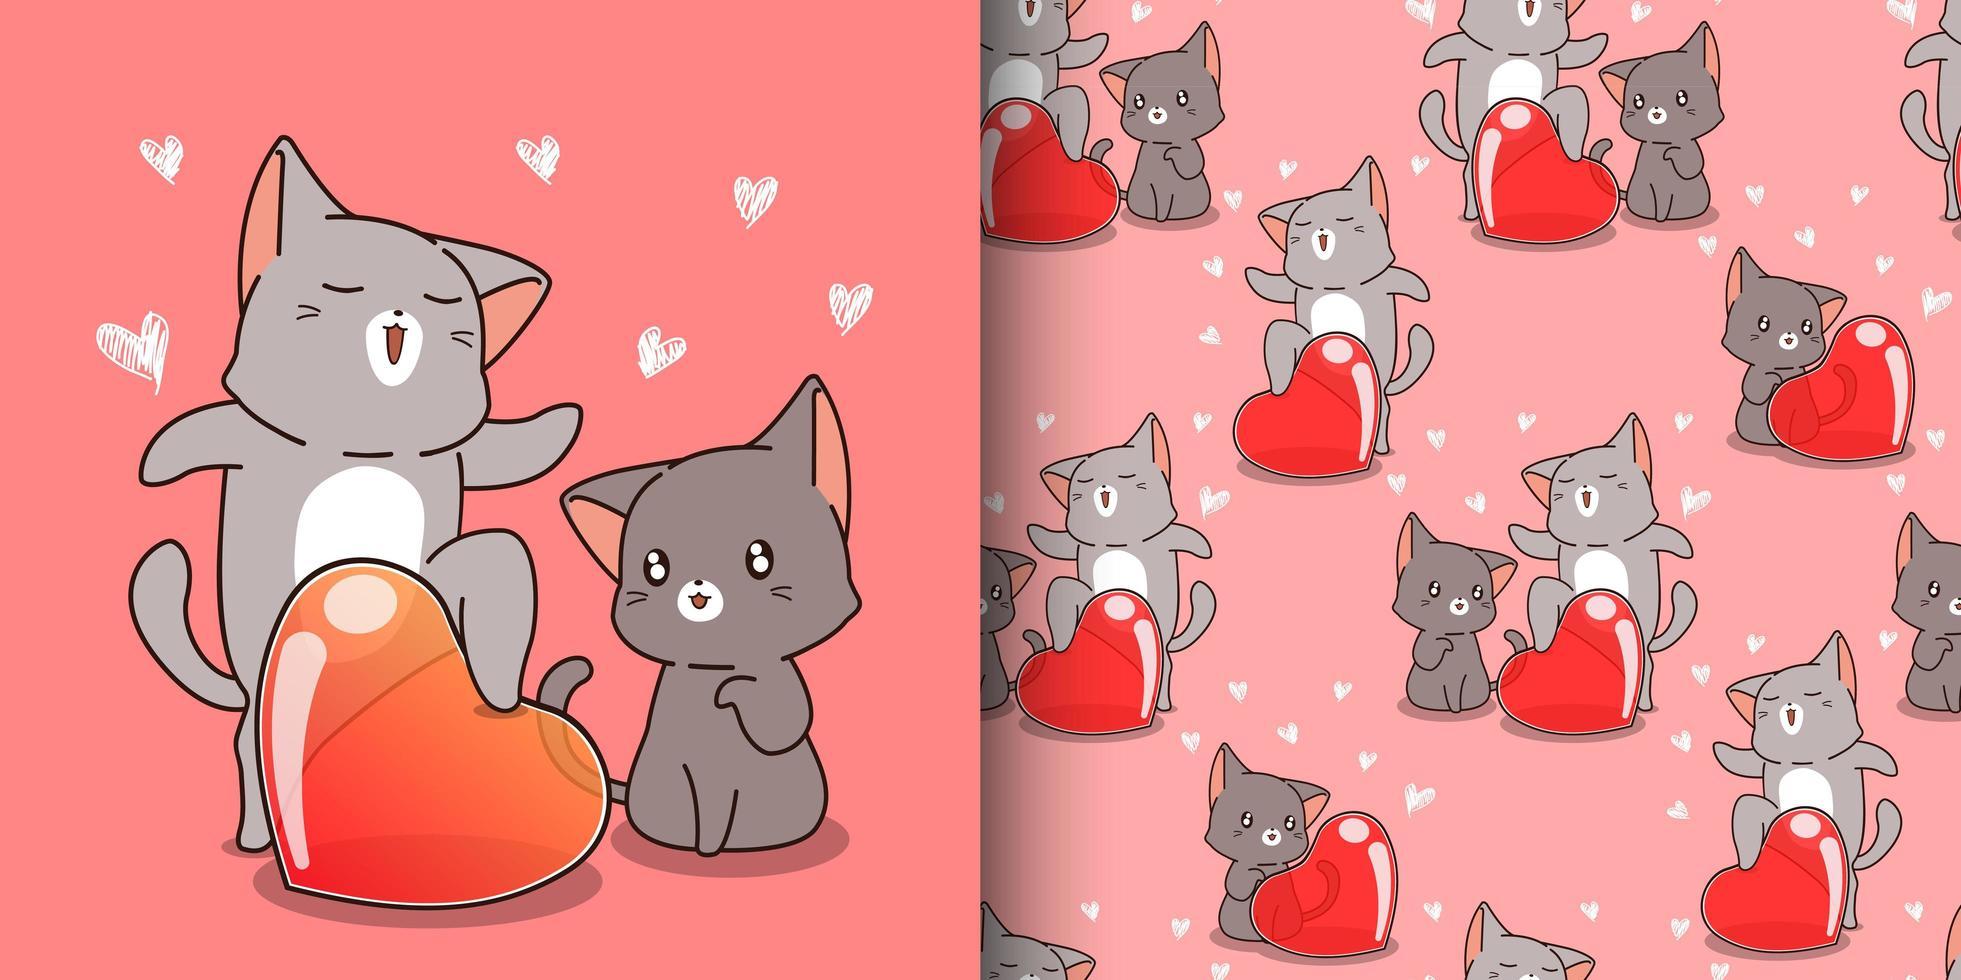 padrão perfeito gato kawaii gritando sobre amor vetor